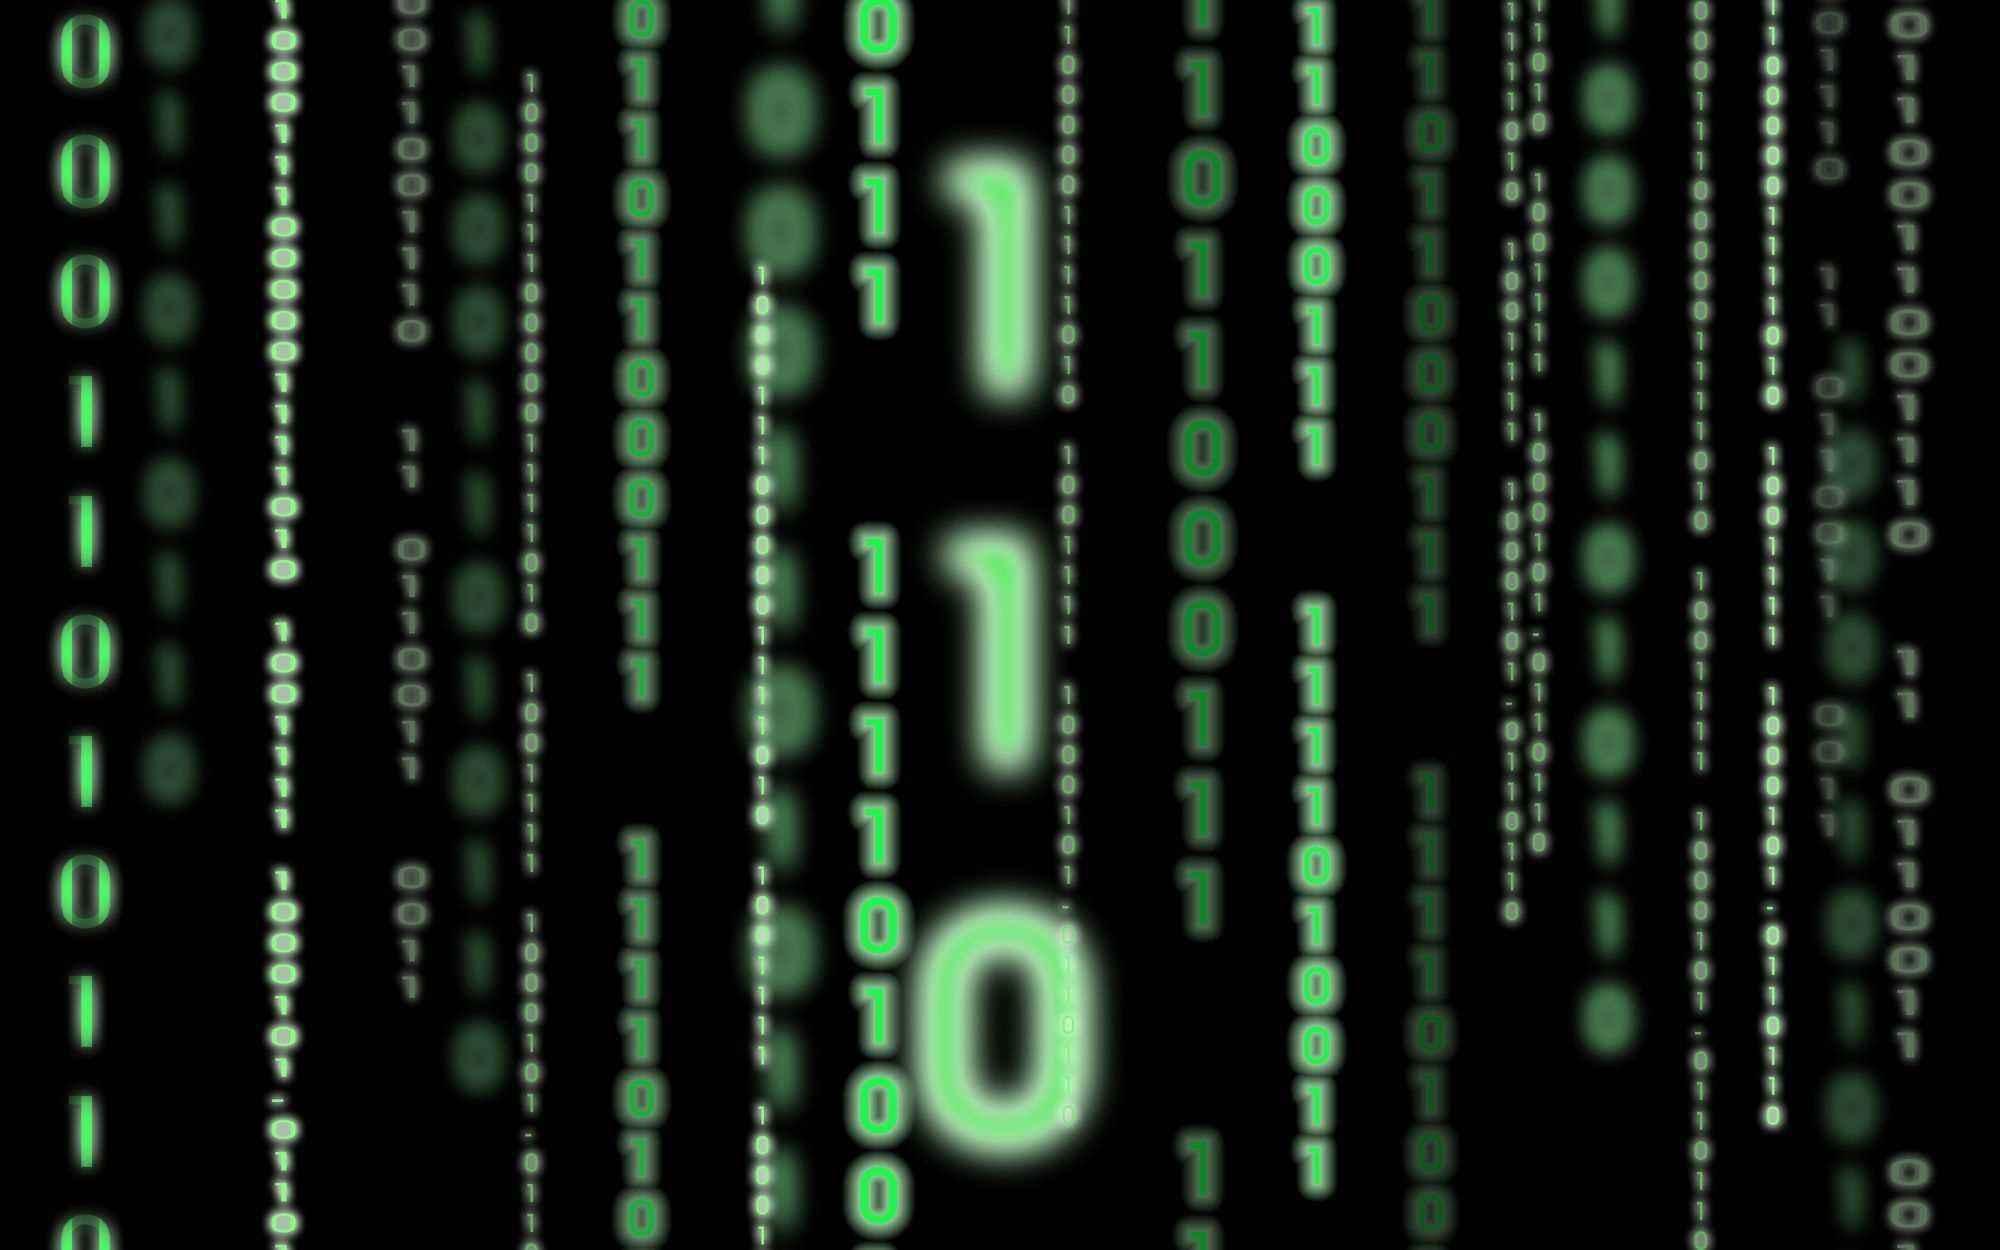 codigo binario5 el ego y la busqueda continua de seguridad i214866